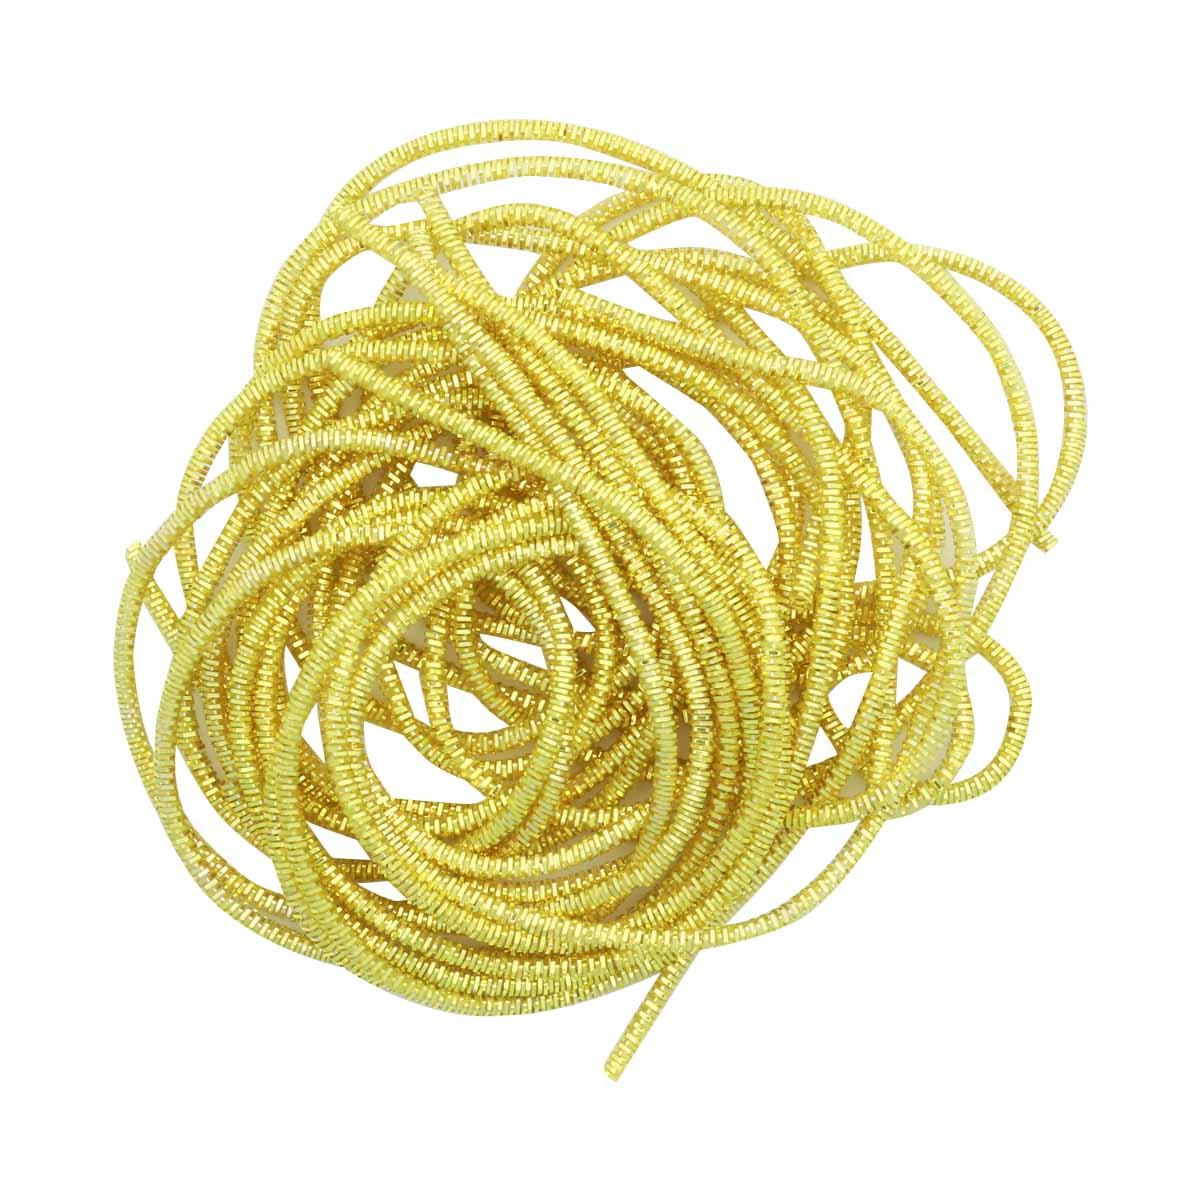 ТК024НН1 Трунцал Лимонный 1,5 мм, 5 гр. +/- 0,1 гр.